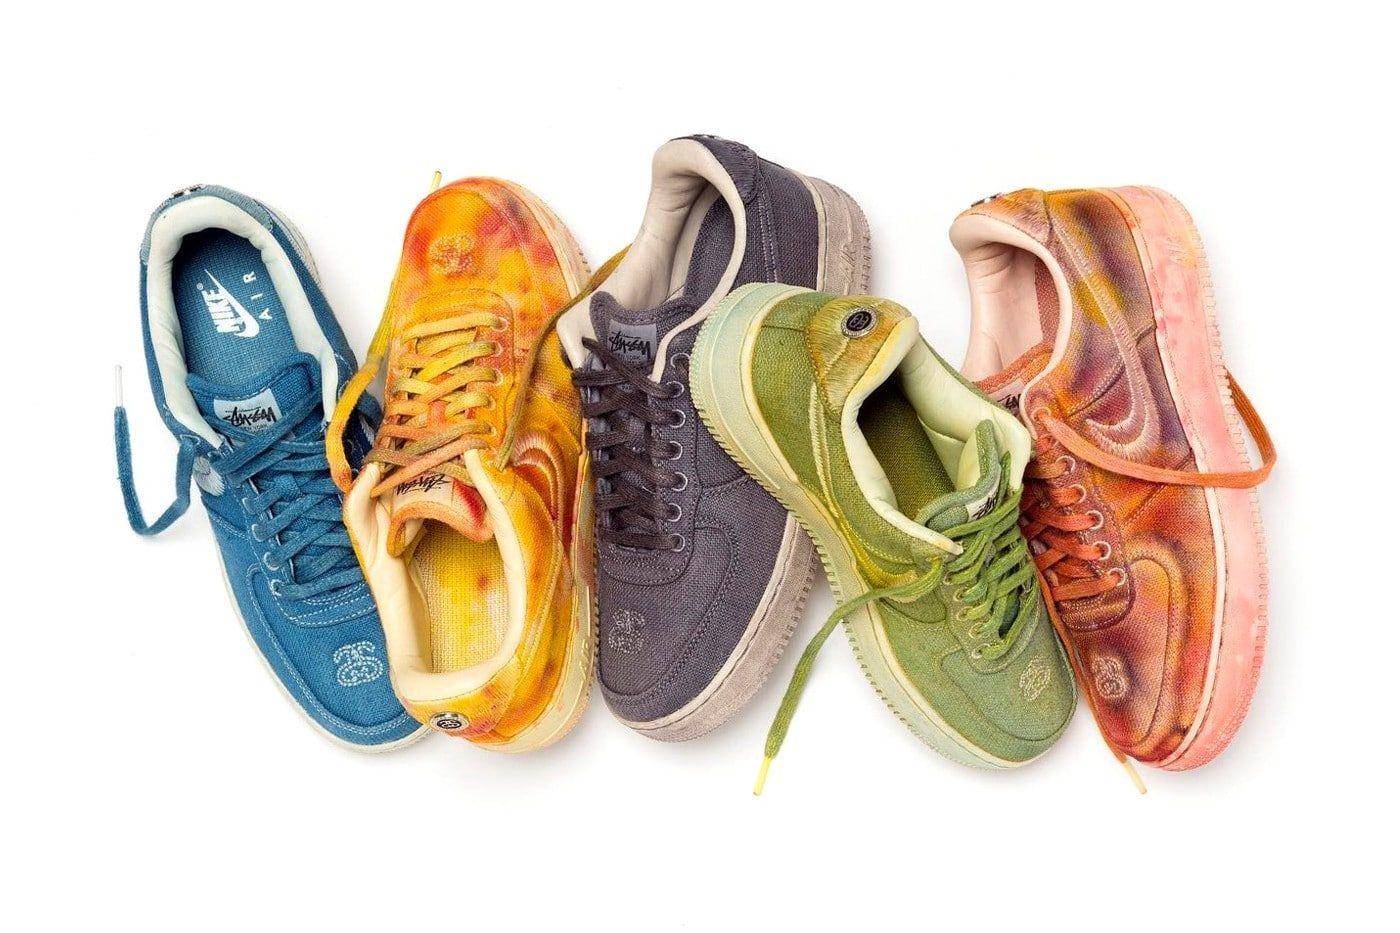 Nike x Stüssy hand dyed AF1